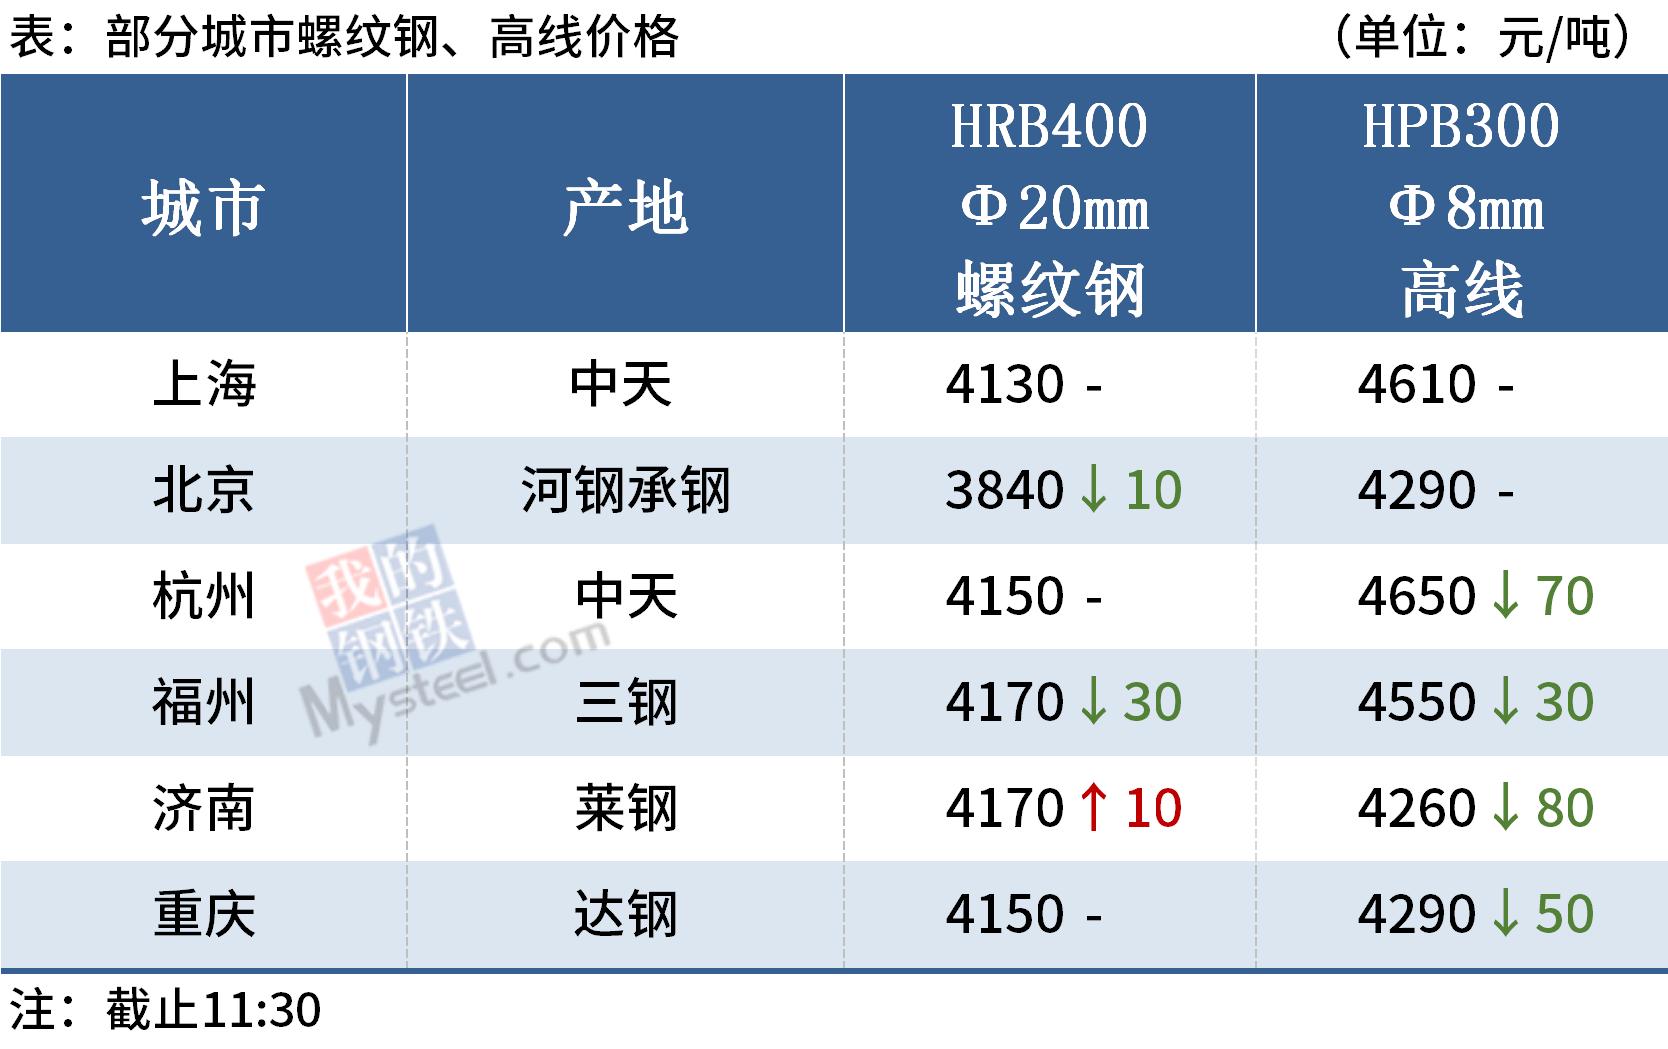 Mysteel午报:钢价涨跌互现,铁矿石期货涨破900